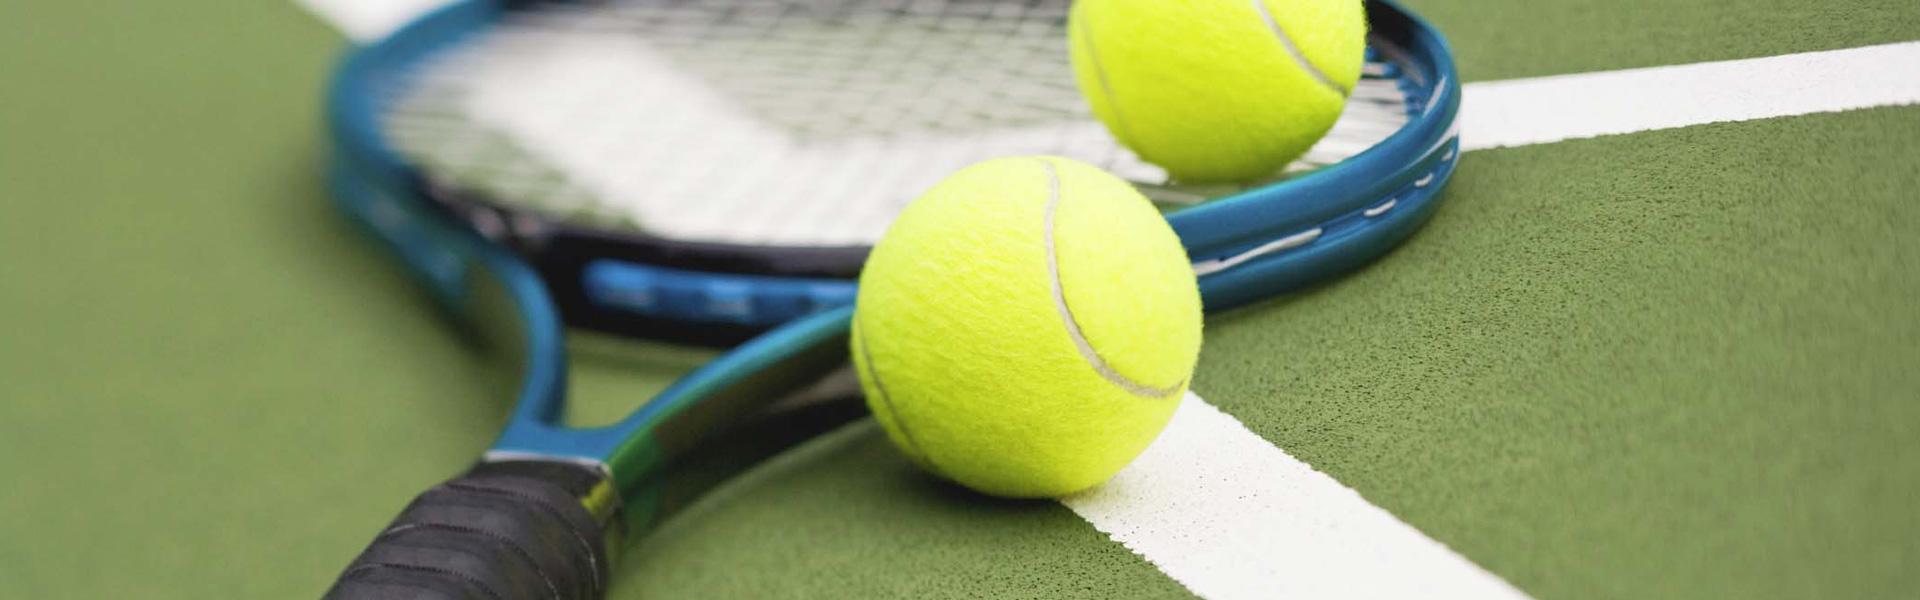 Tenis: elige pistas de césped artificial polivalentes